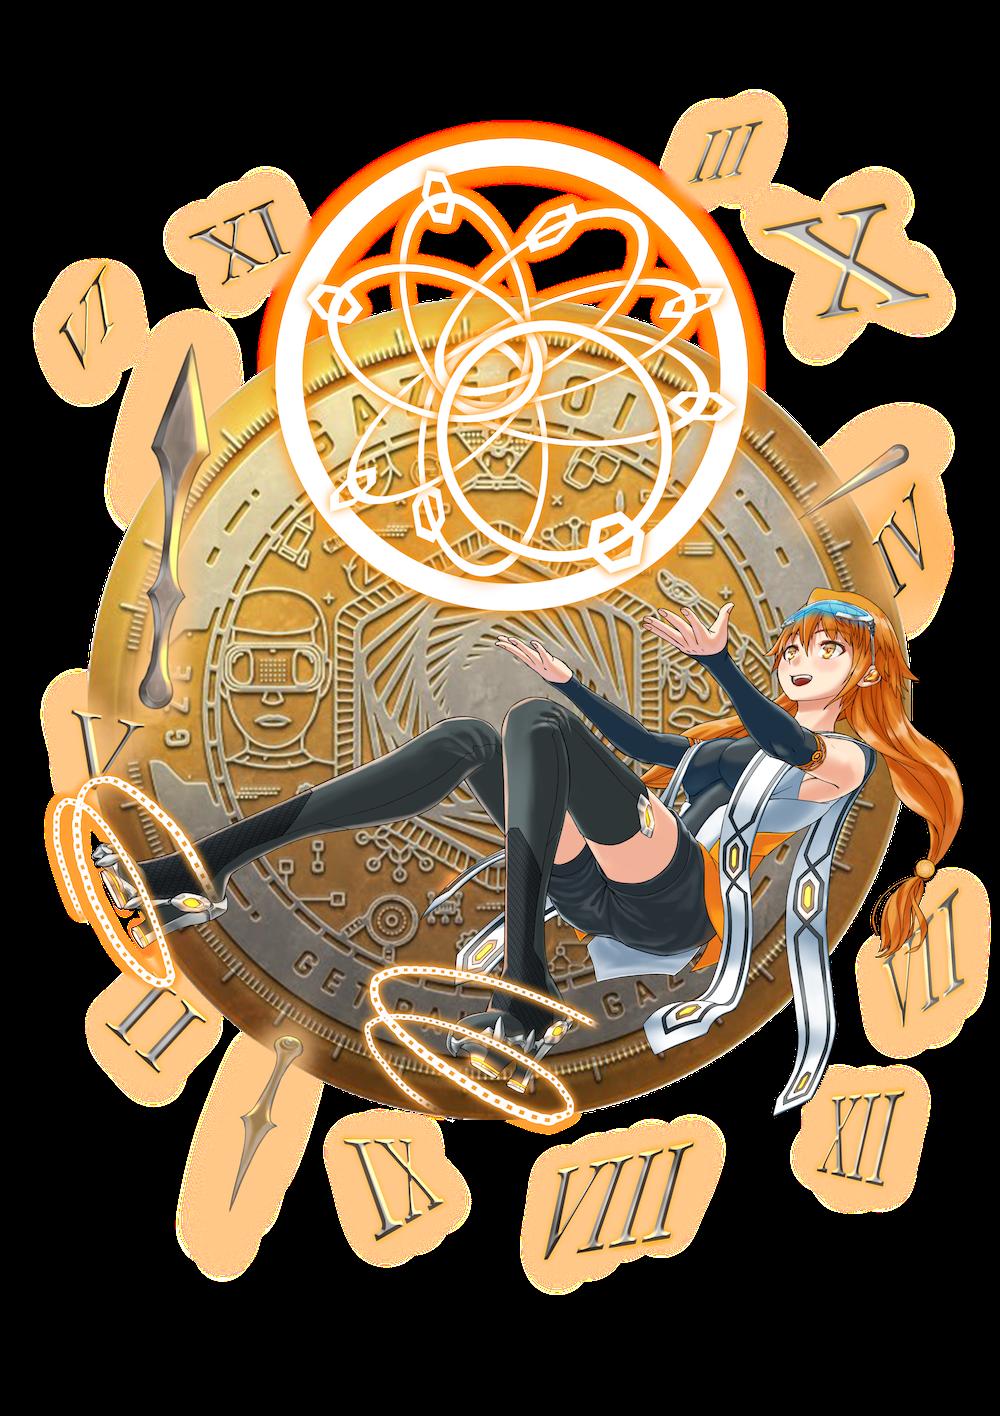 仮想通貨(暗号通貨)ゲイズコイン(GazeCoin)の擬人化キャラクター